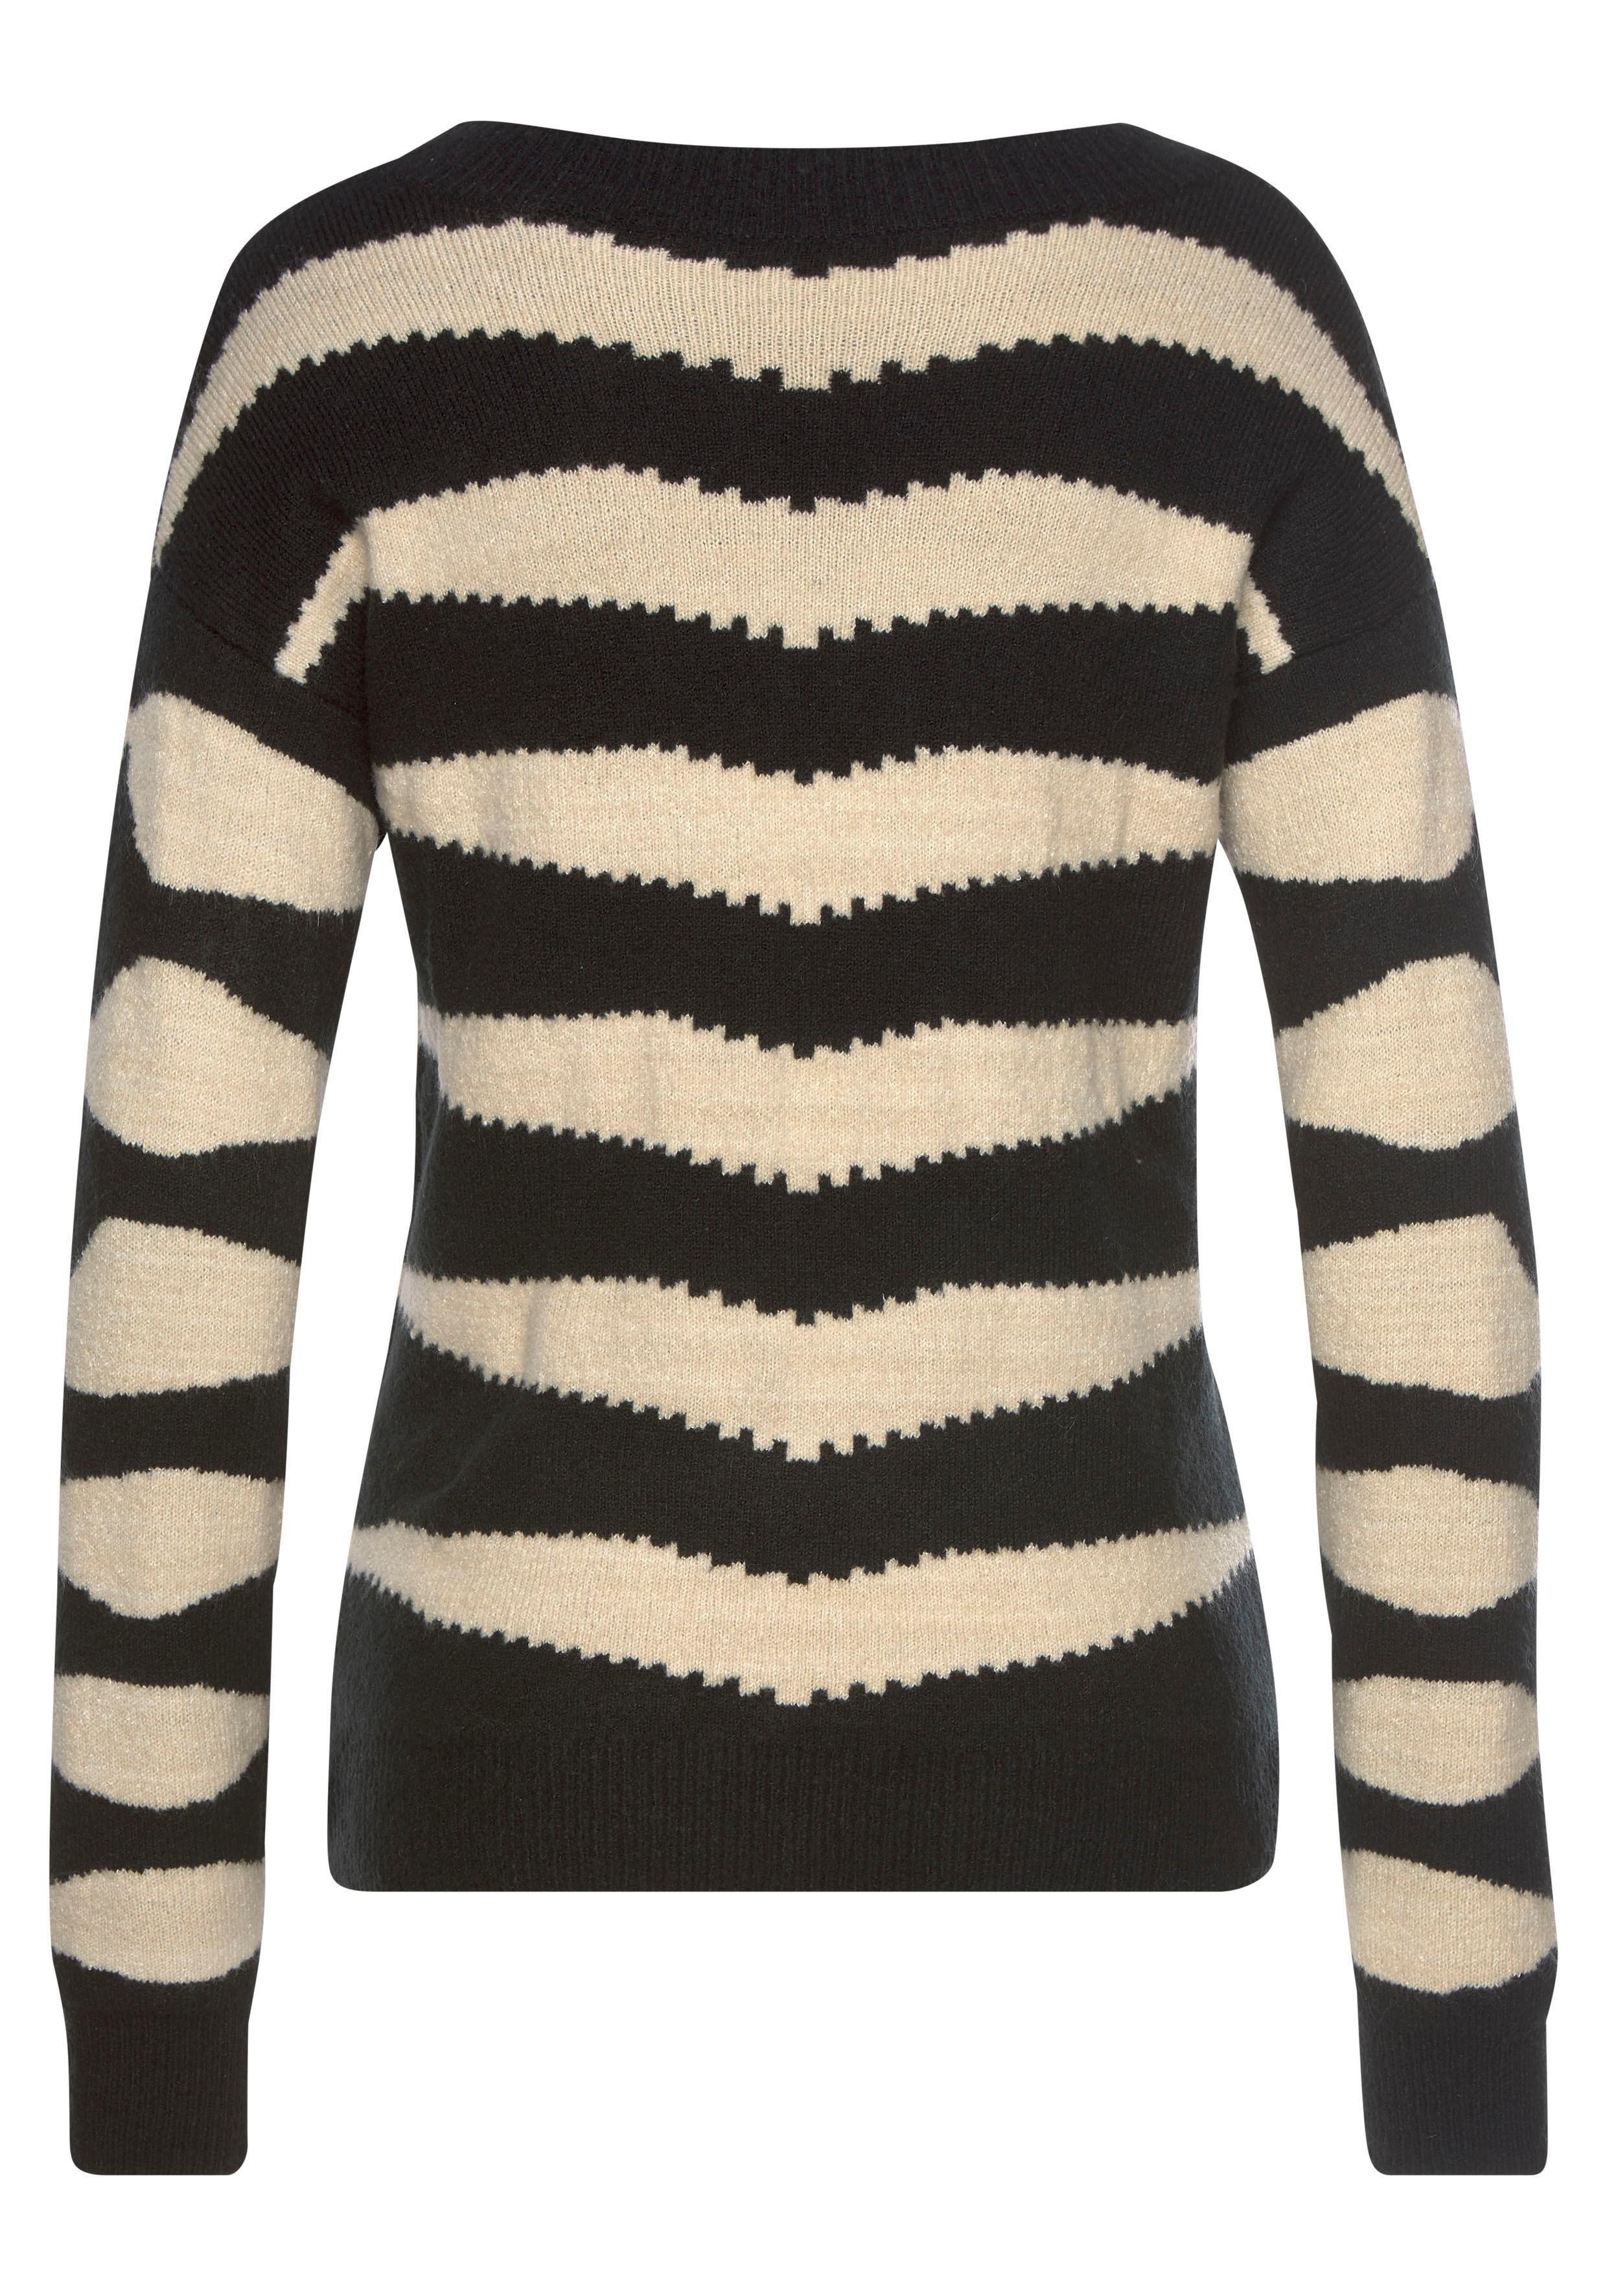 LASCANA trui met ronde hals goedkoop op lascana.nl kopen